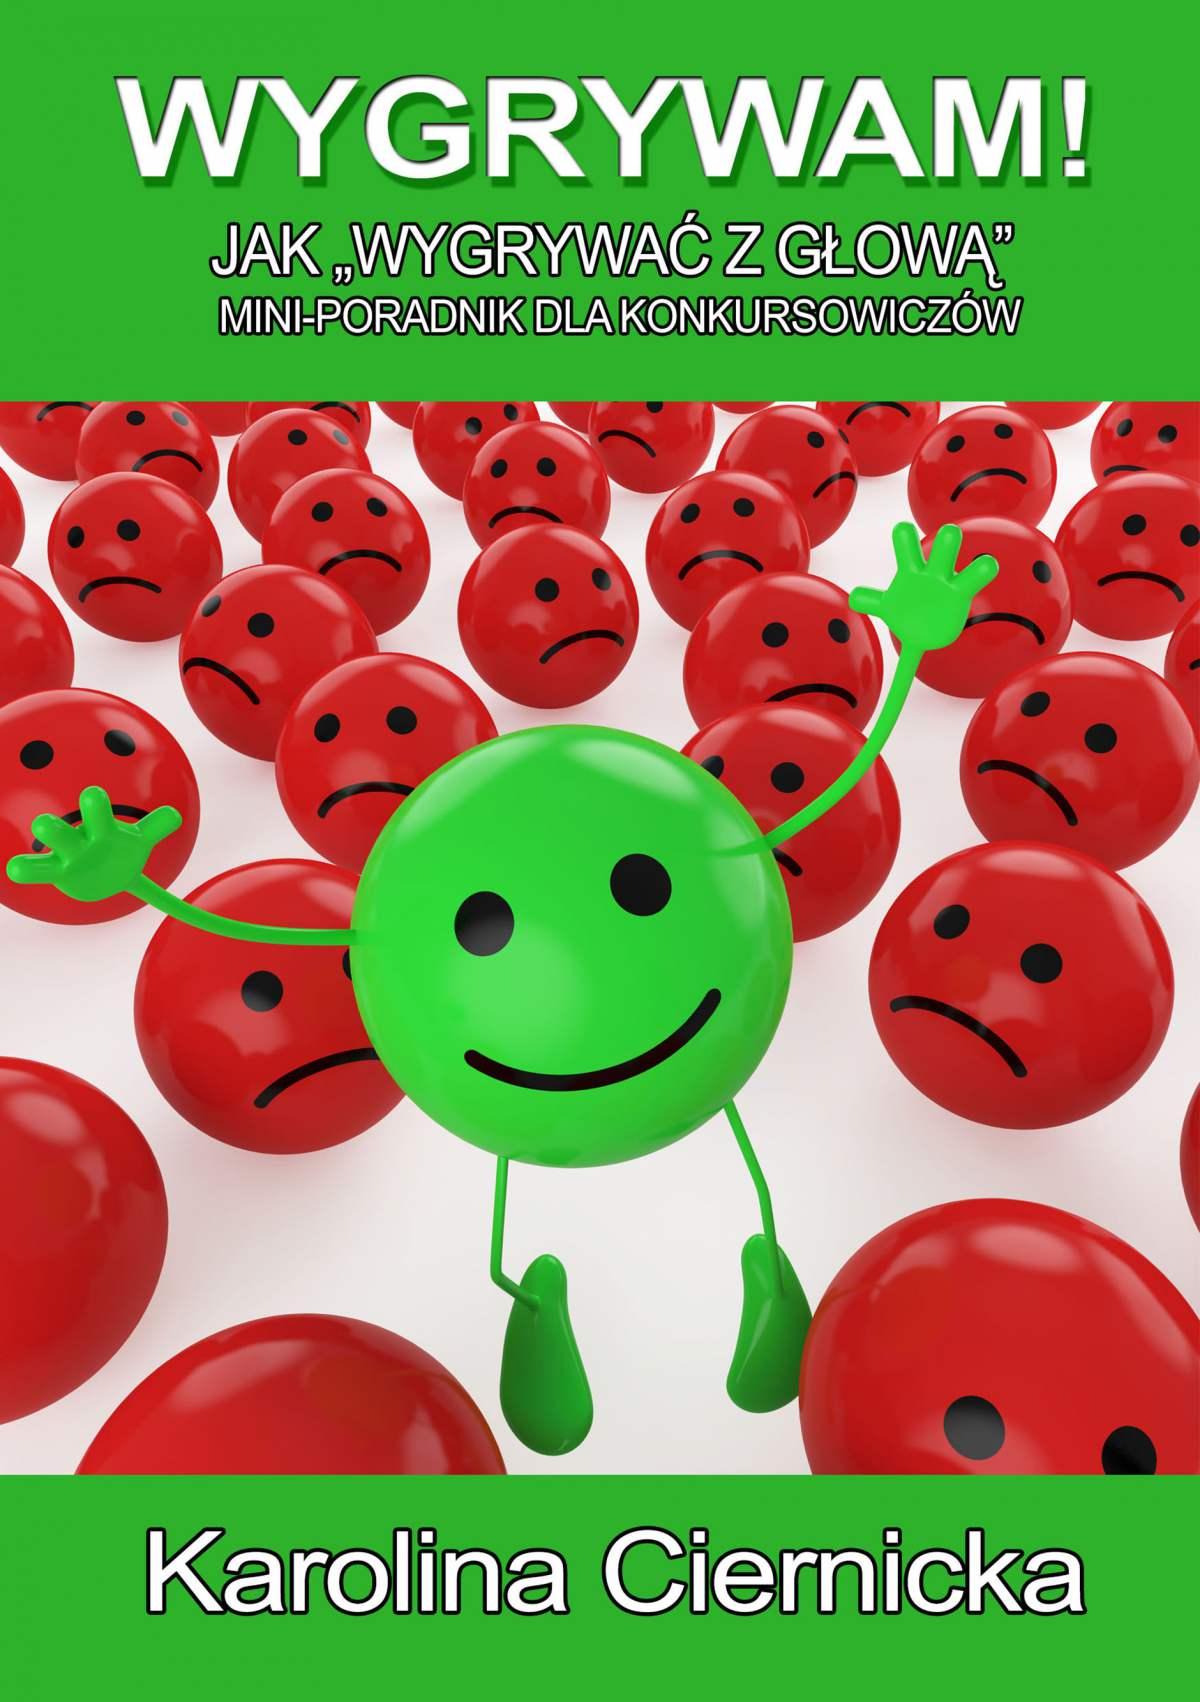 Wygrywam! Jak wygrywać z głową? Mini-poradnik dla konkursowiczów - Ebook (Książka EPUB) do pobrania w formacie EPUB